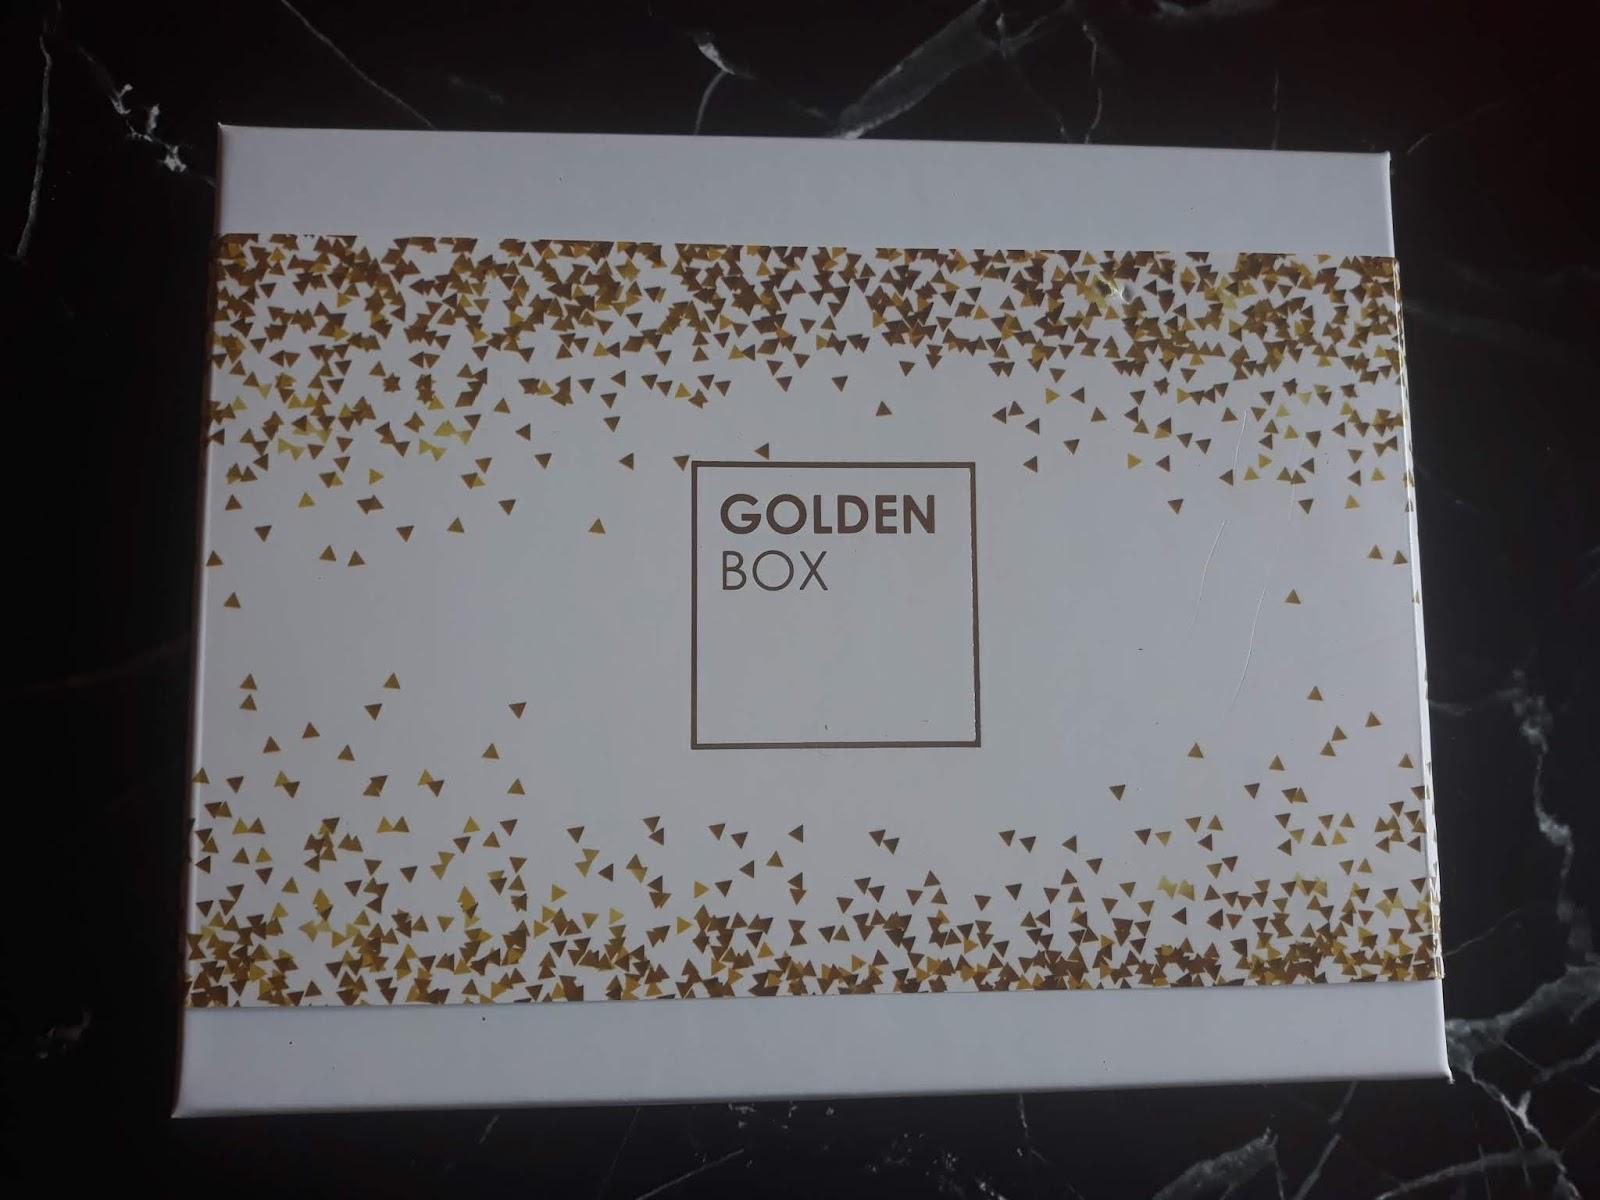 Golden Box Nr 4 - czy jest ekskluzywnie?